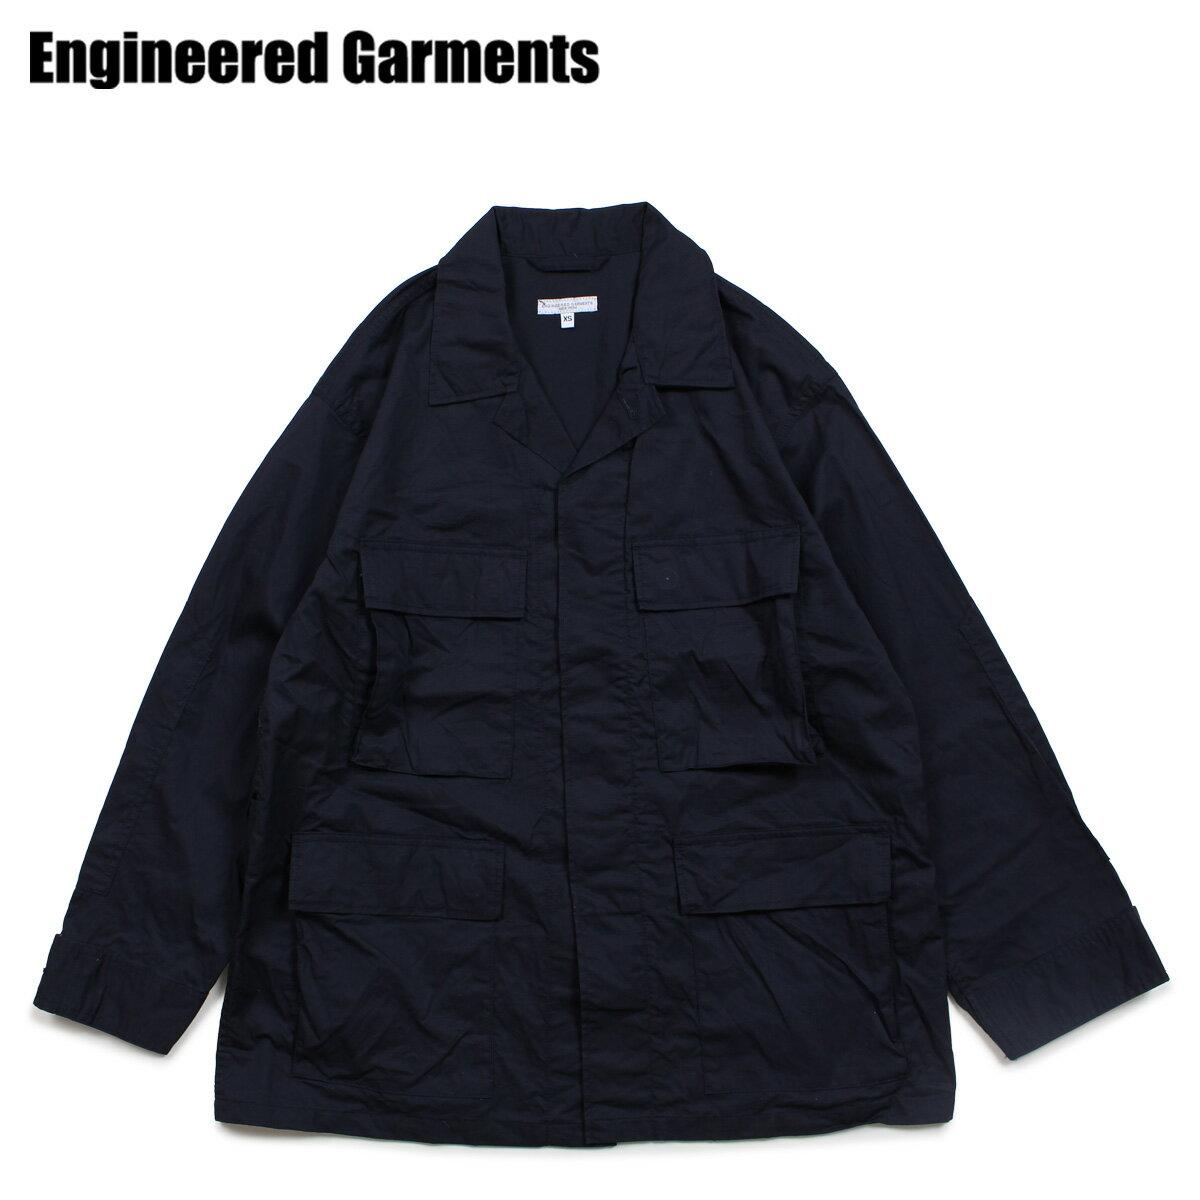 メンズファッション, コート・ジャケット  ENGINEERED GARMENTS BDU JACKET 19SD002NV